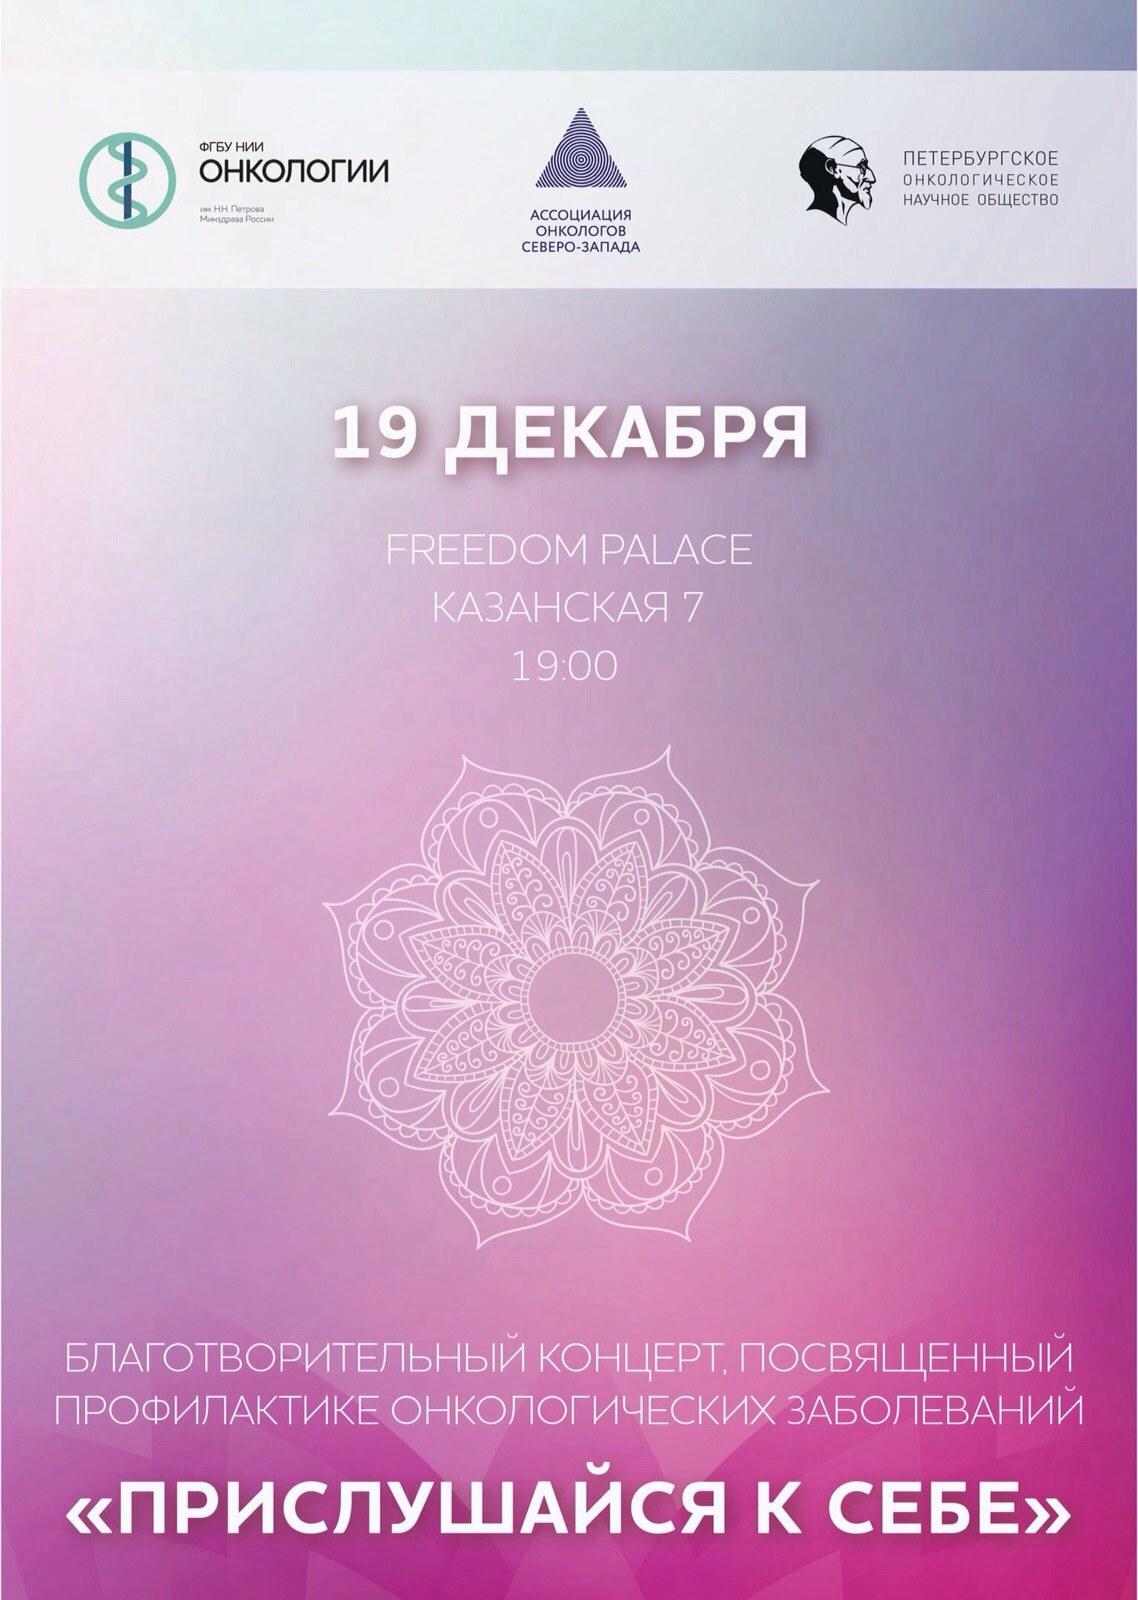 Благотворительный концерт, посвященный профилактике онкологических заболеваний